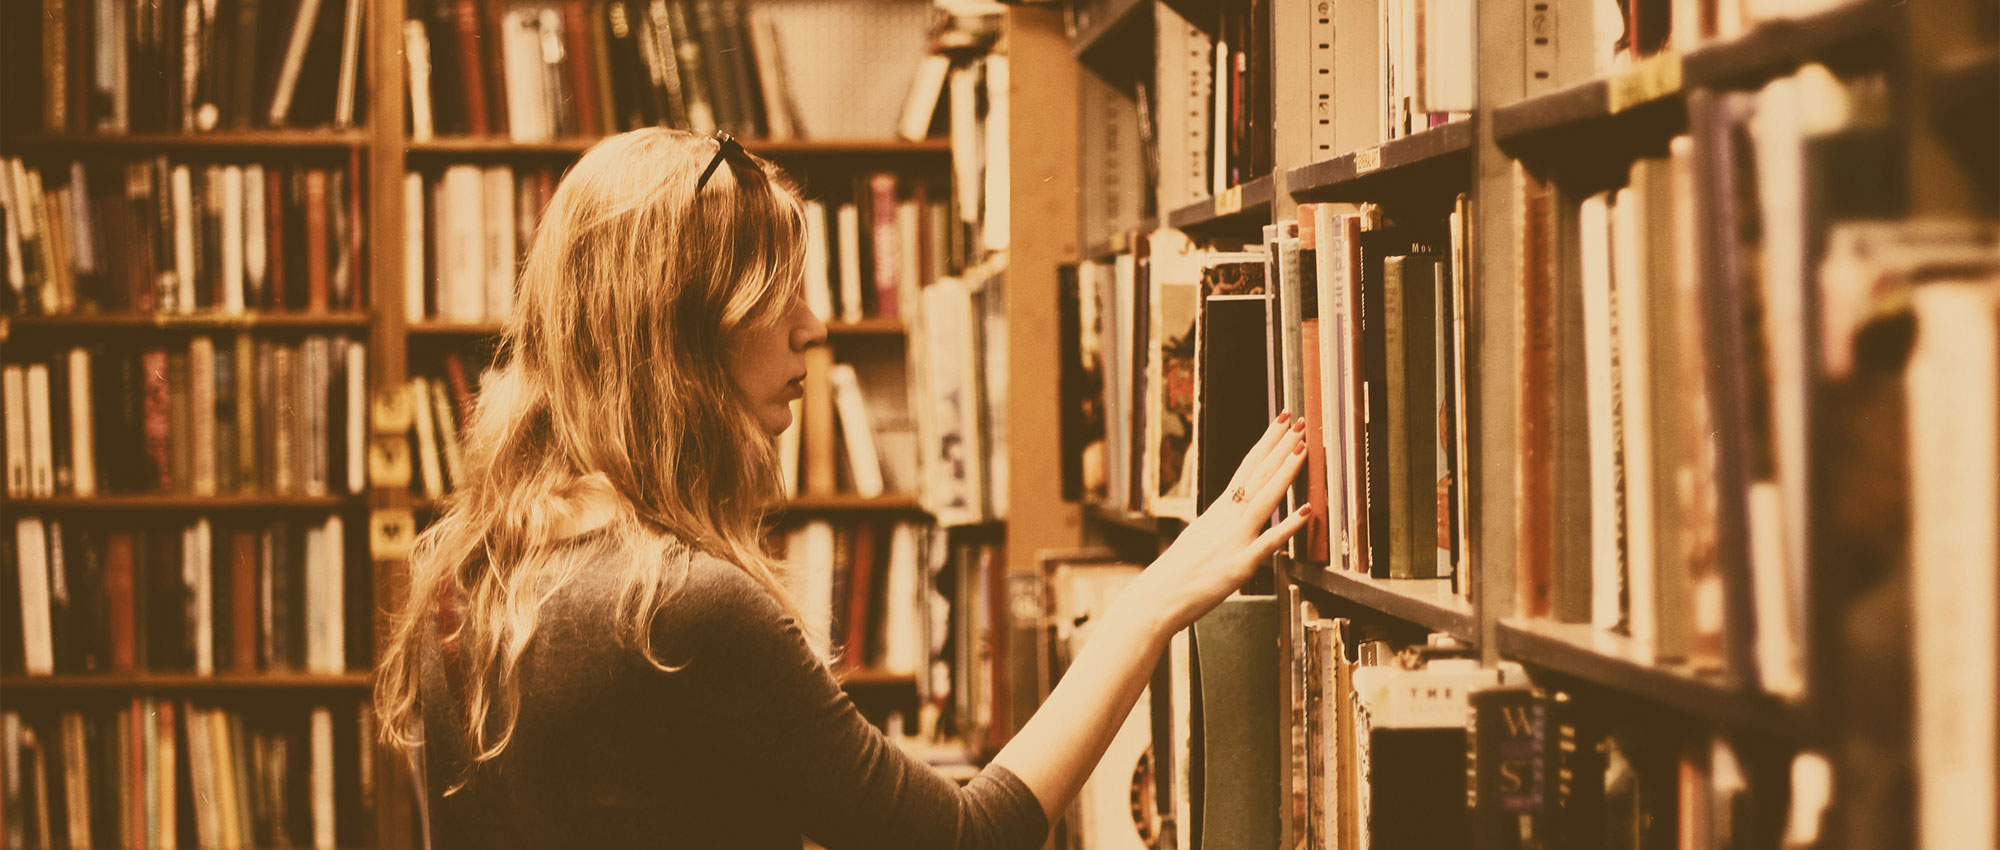 Sie sehen das Titelbild unseres Best Practice Beitrags zu den Bücherhallen Hamburg.